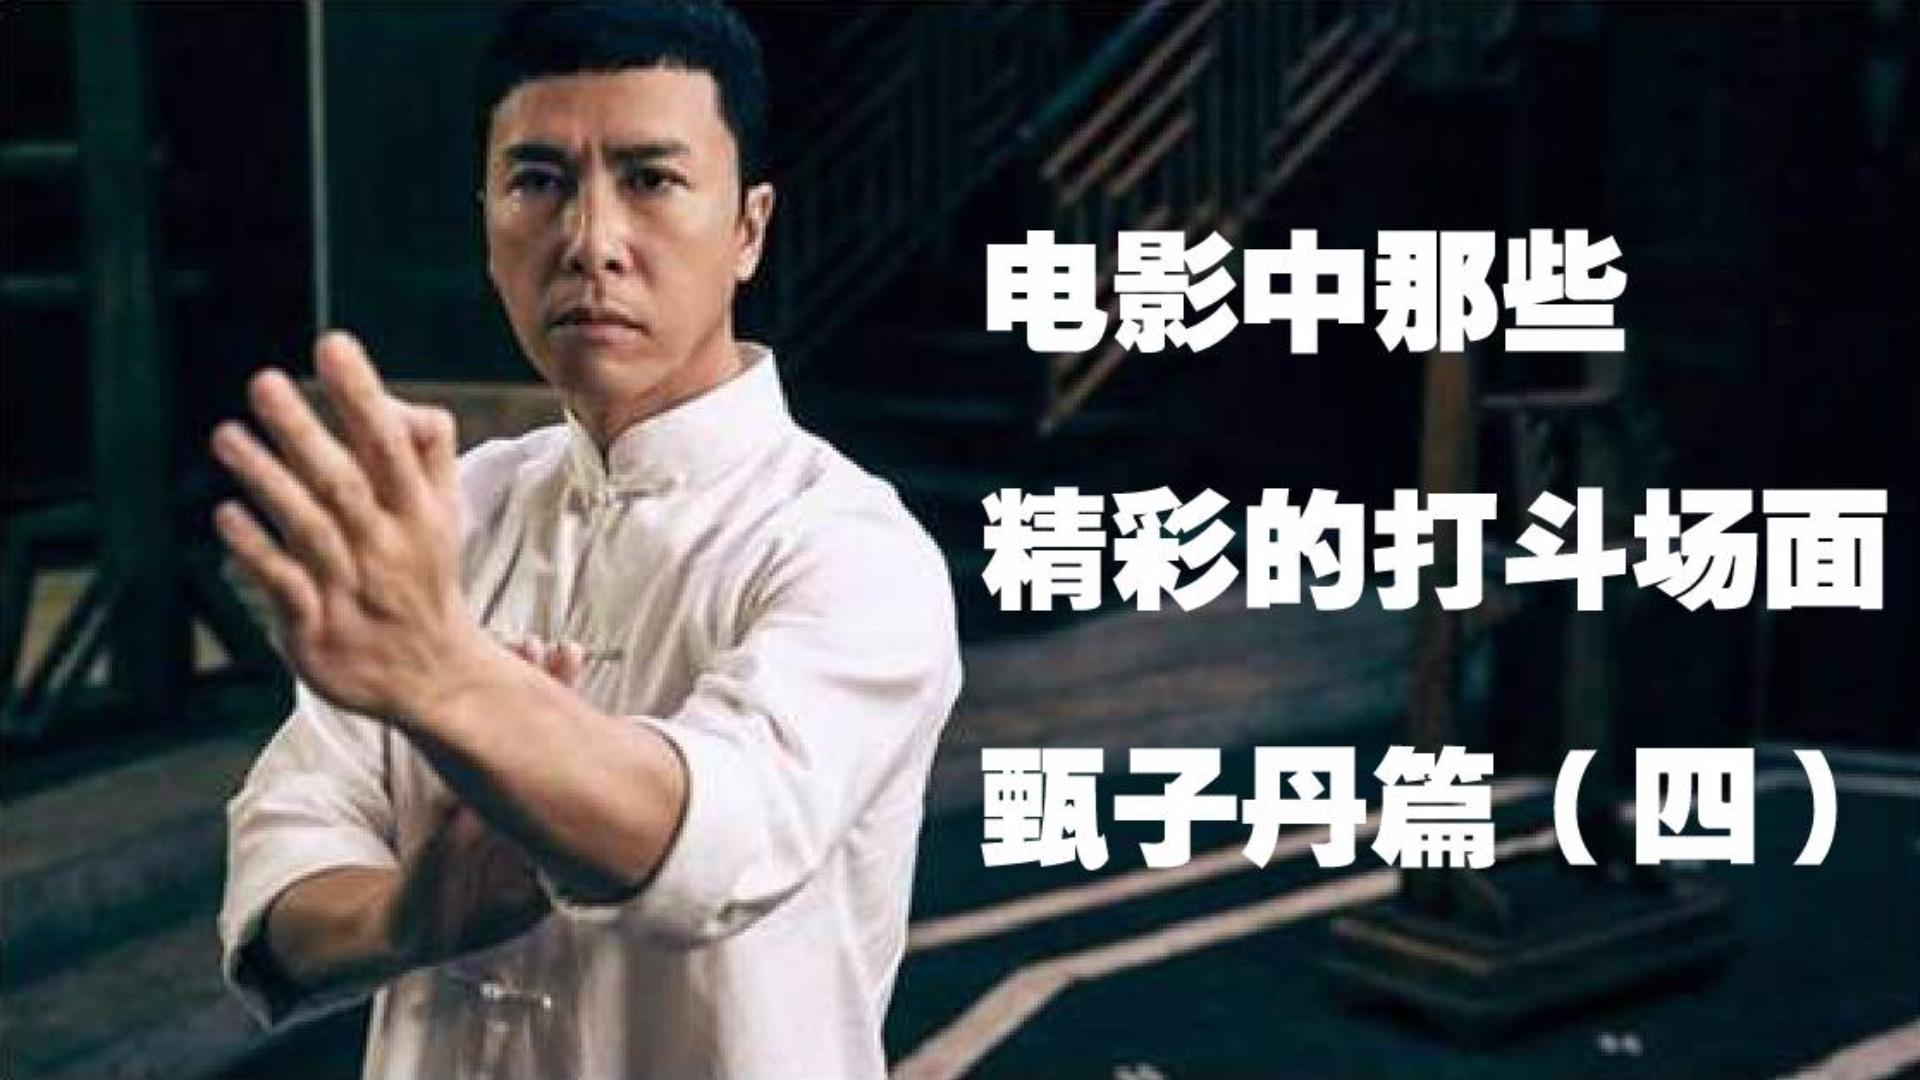 电影中那些精彩的打斗场面甄子丹篇(四)